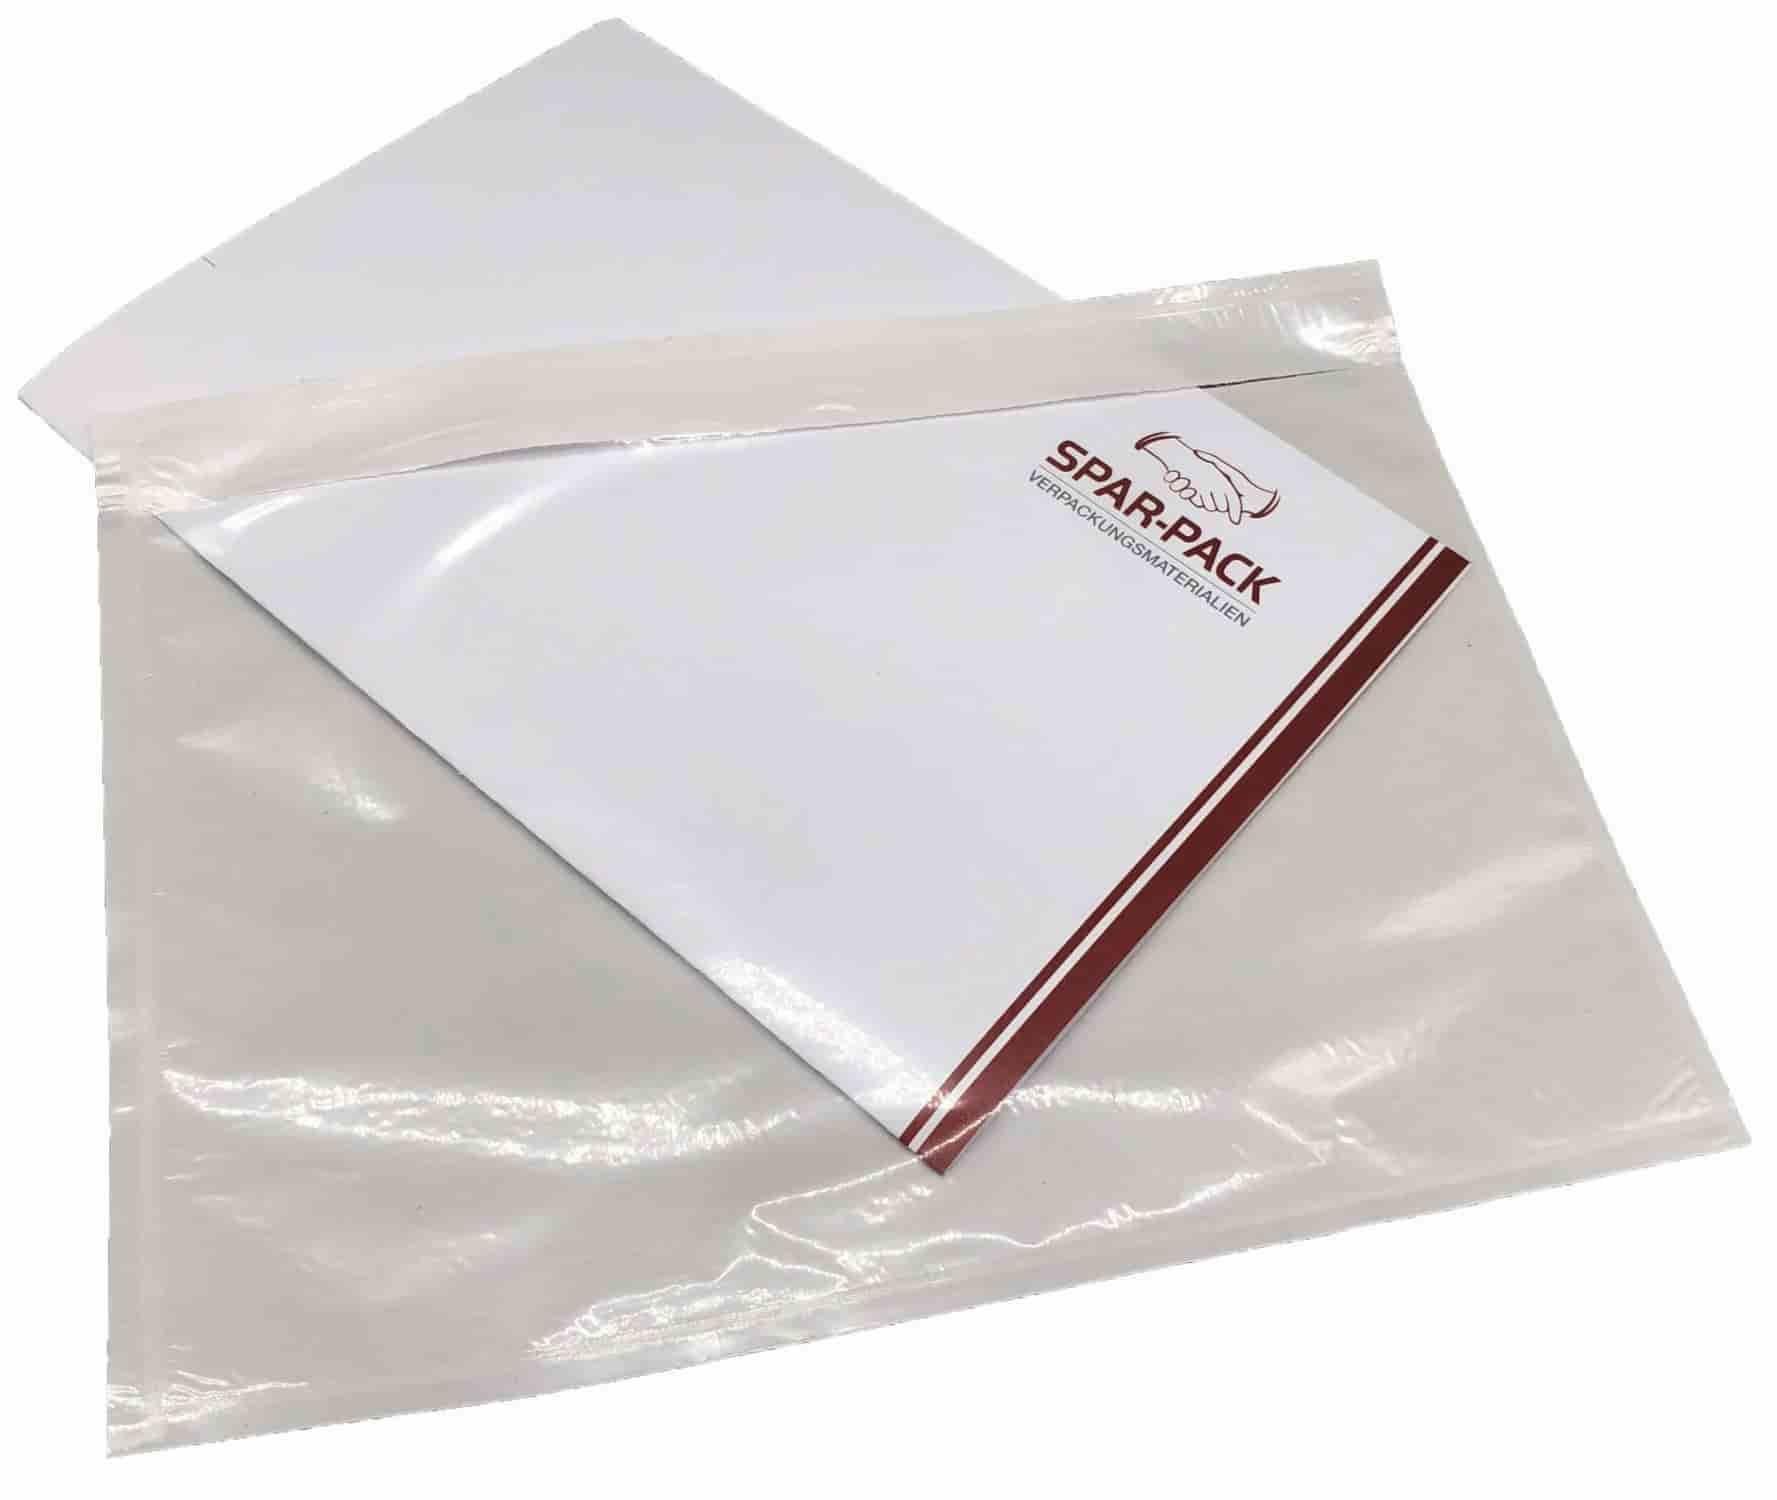 Plastiktasche mit Dokument